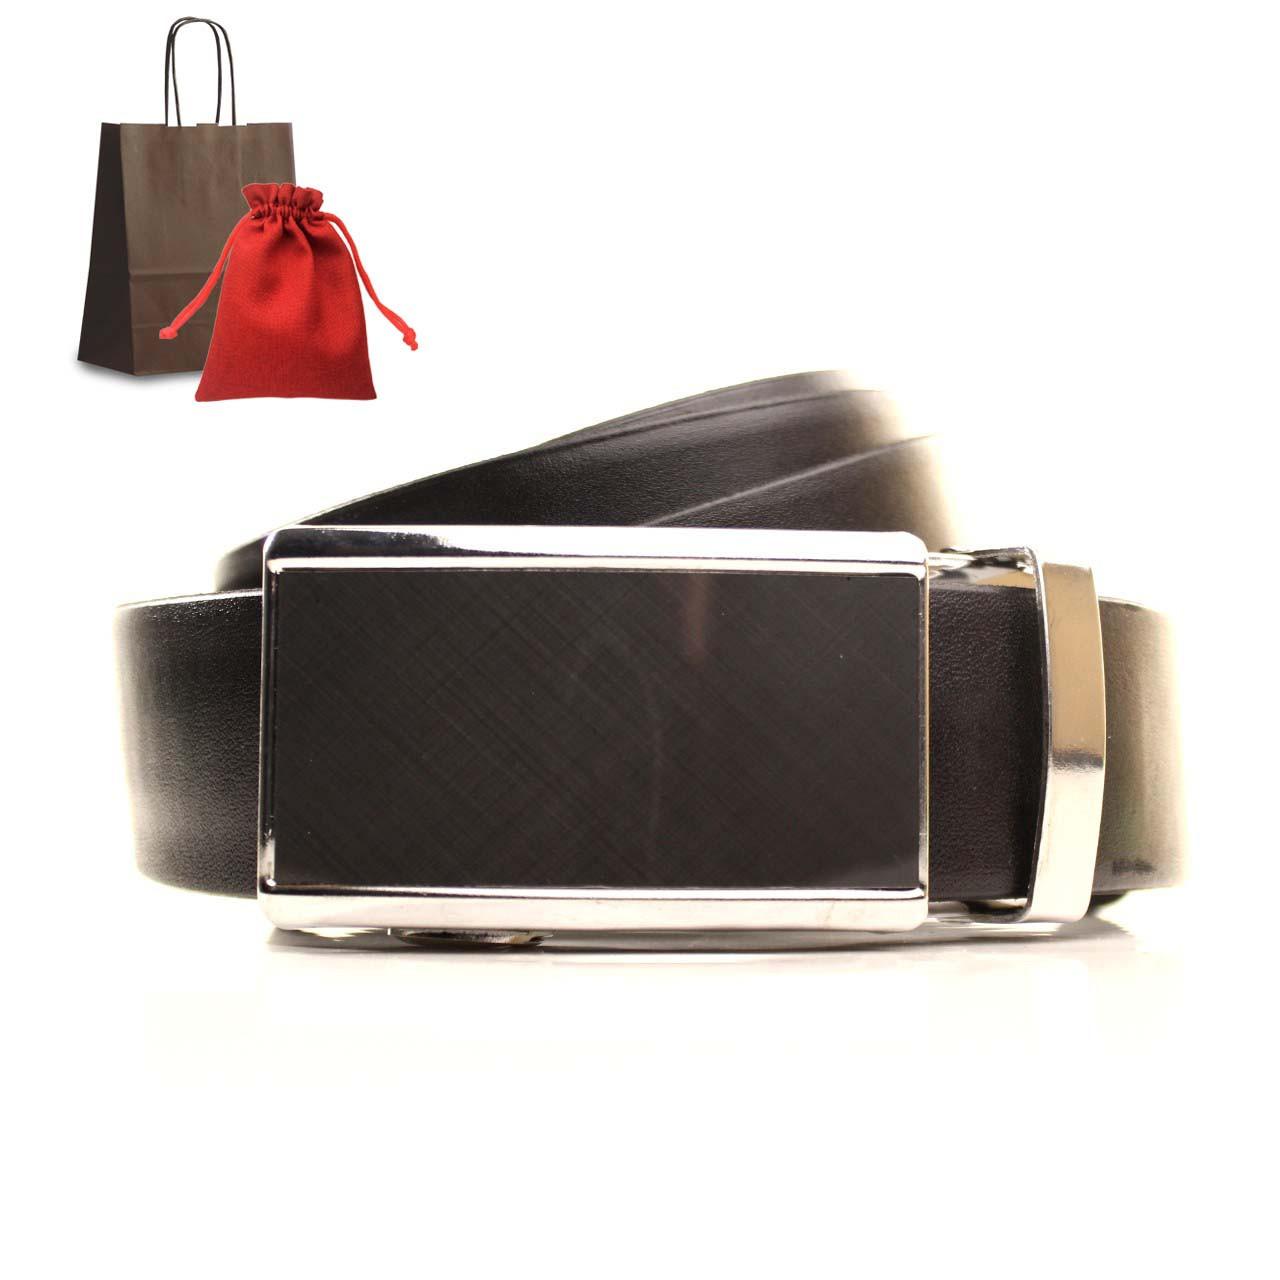 Ремень кожаный Lazar 120-125 см черный L35U1A67-M